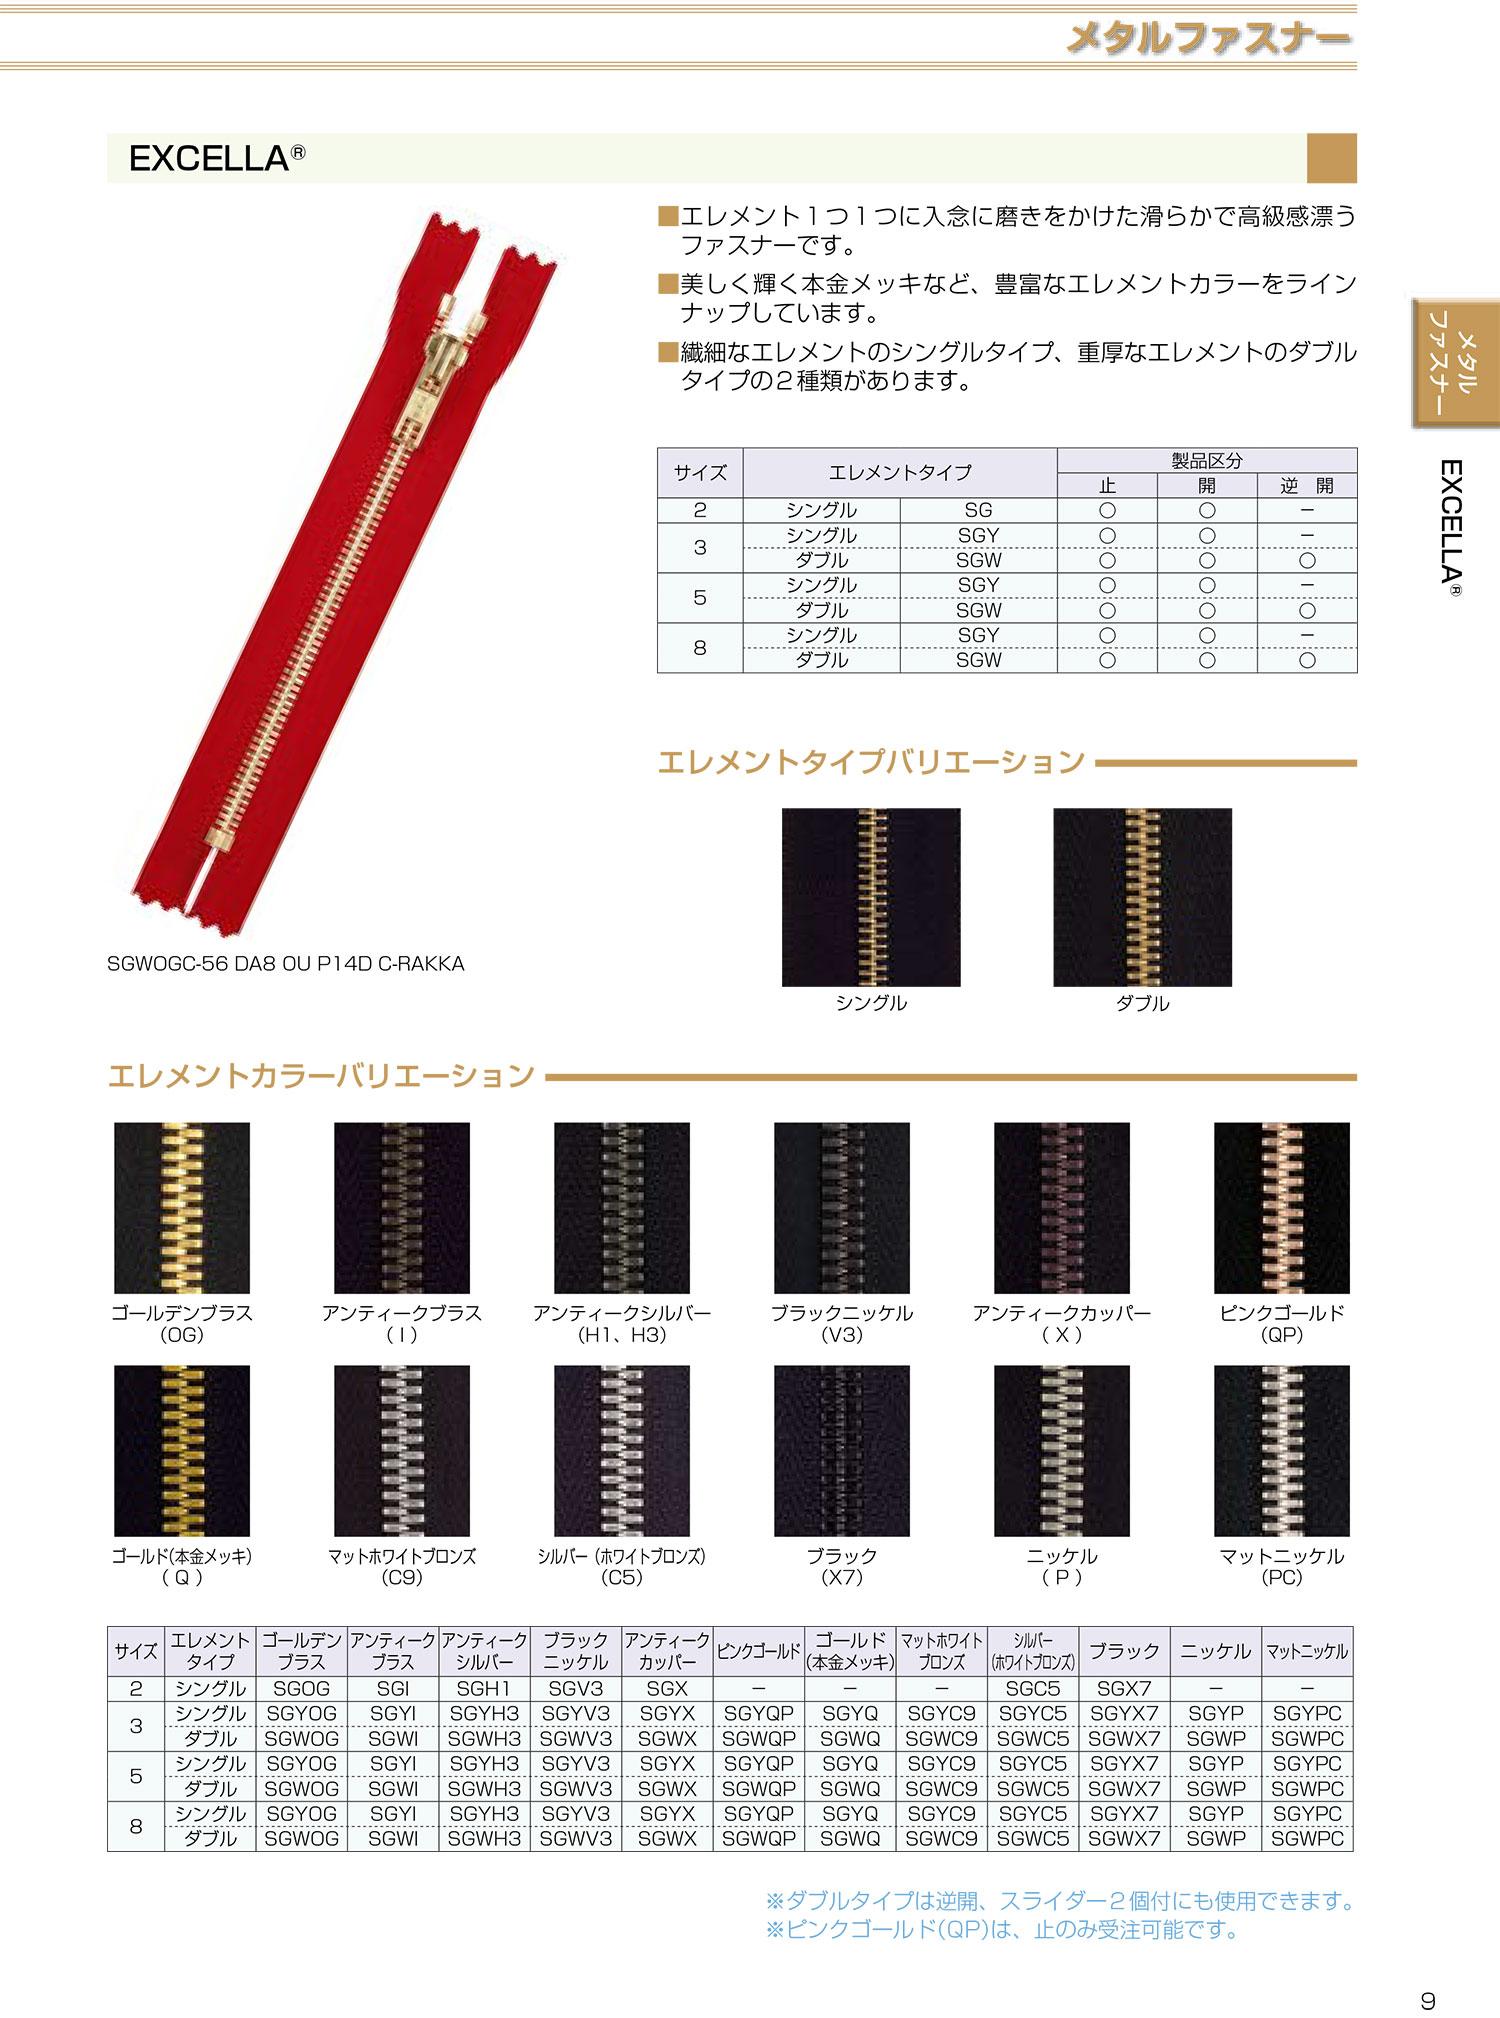 3SGWQC エクセラ 3サイズ ゴールド(本金) 止め ダブル[ファスナー] YKK/オークラ商事 - ApparelX アパレル資材卸通販